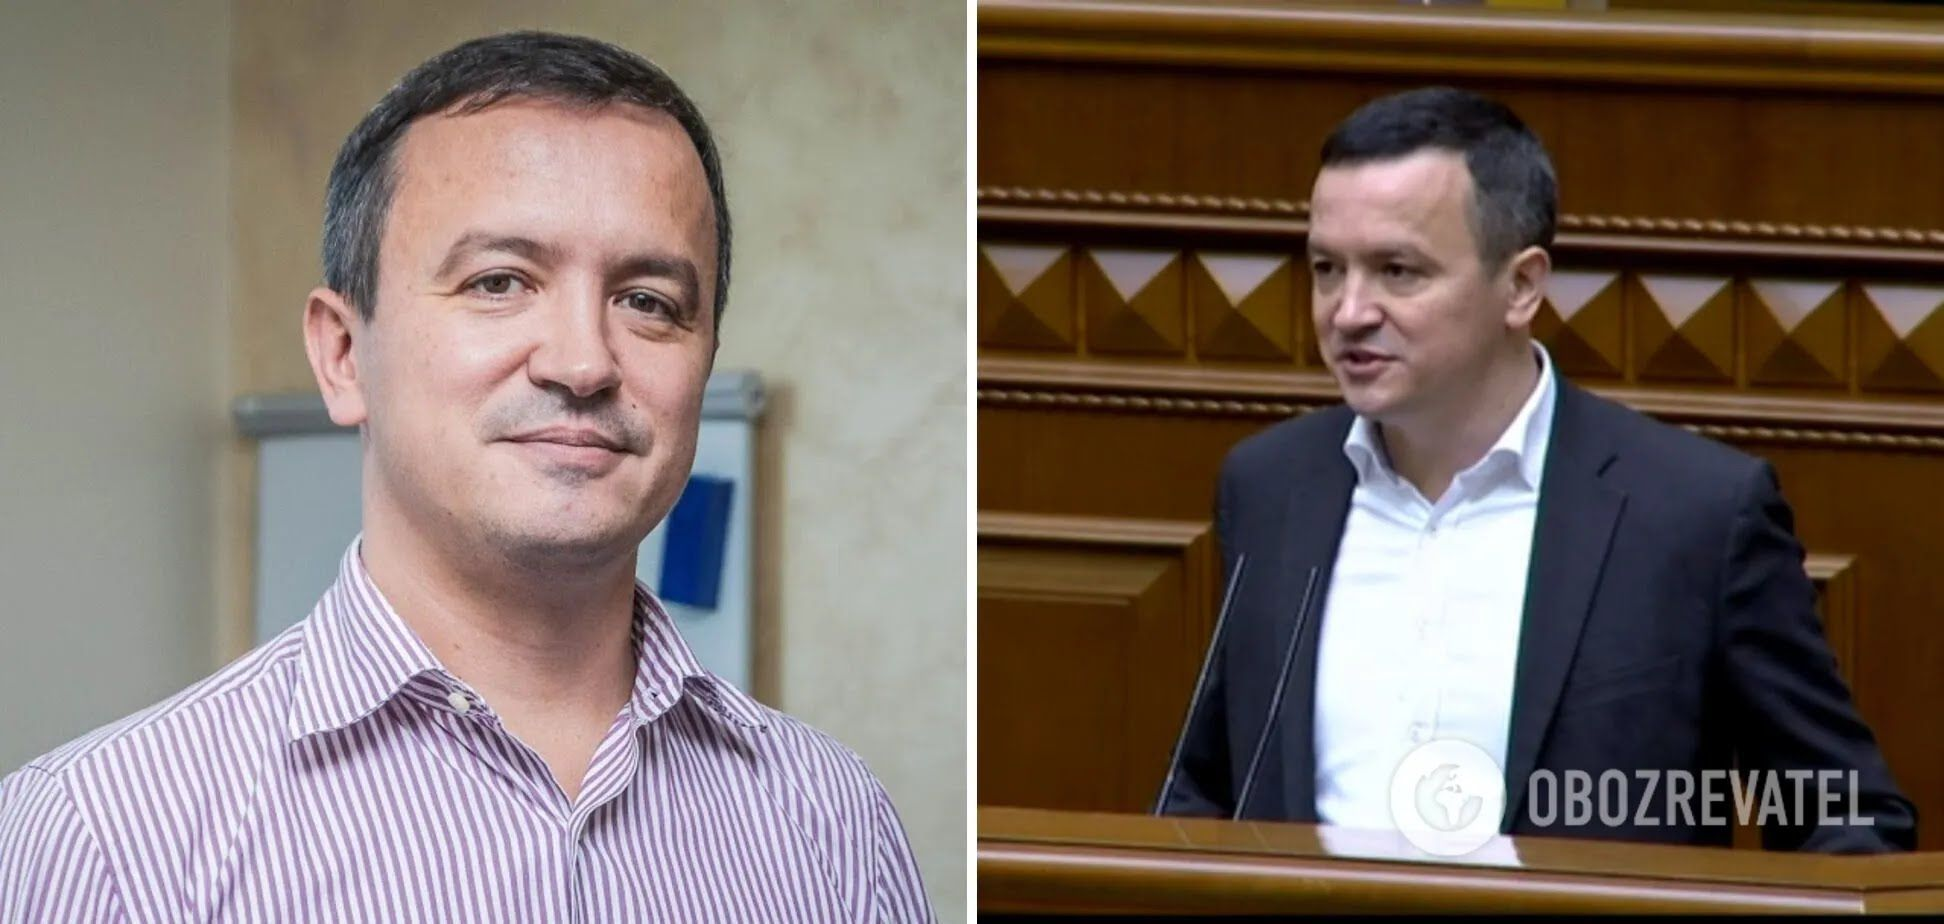 Петрашко написал заявление на увольнение.